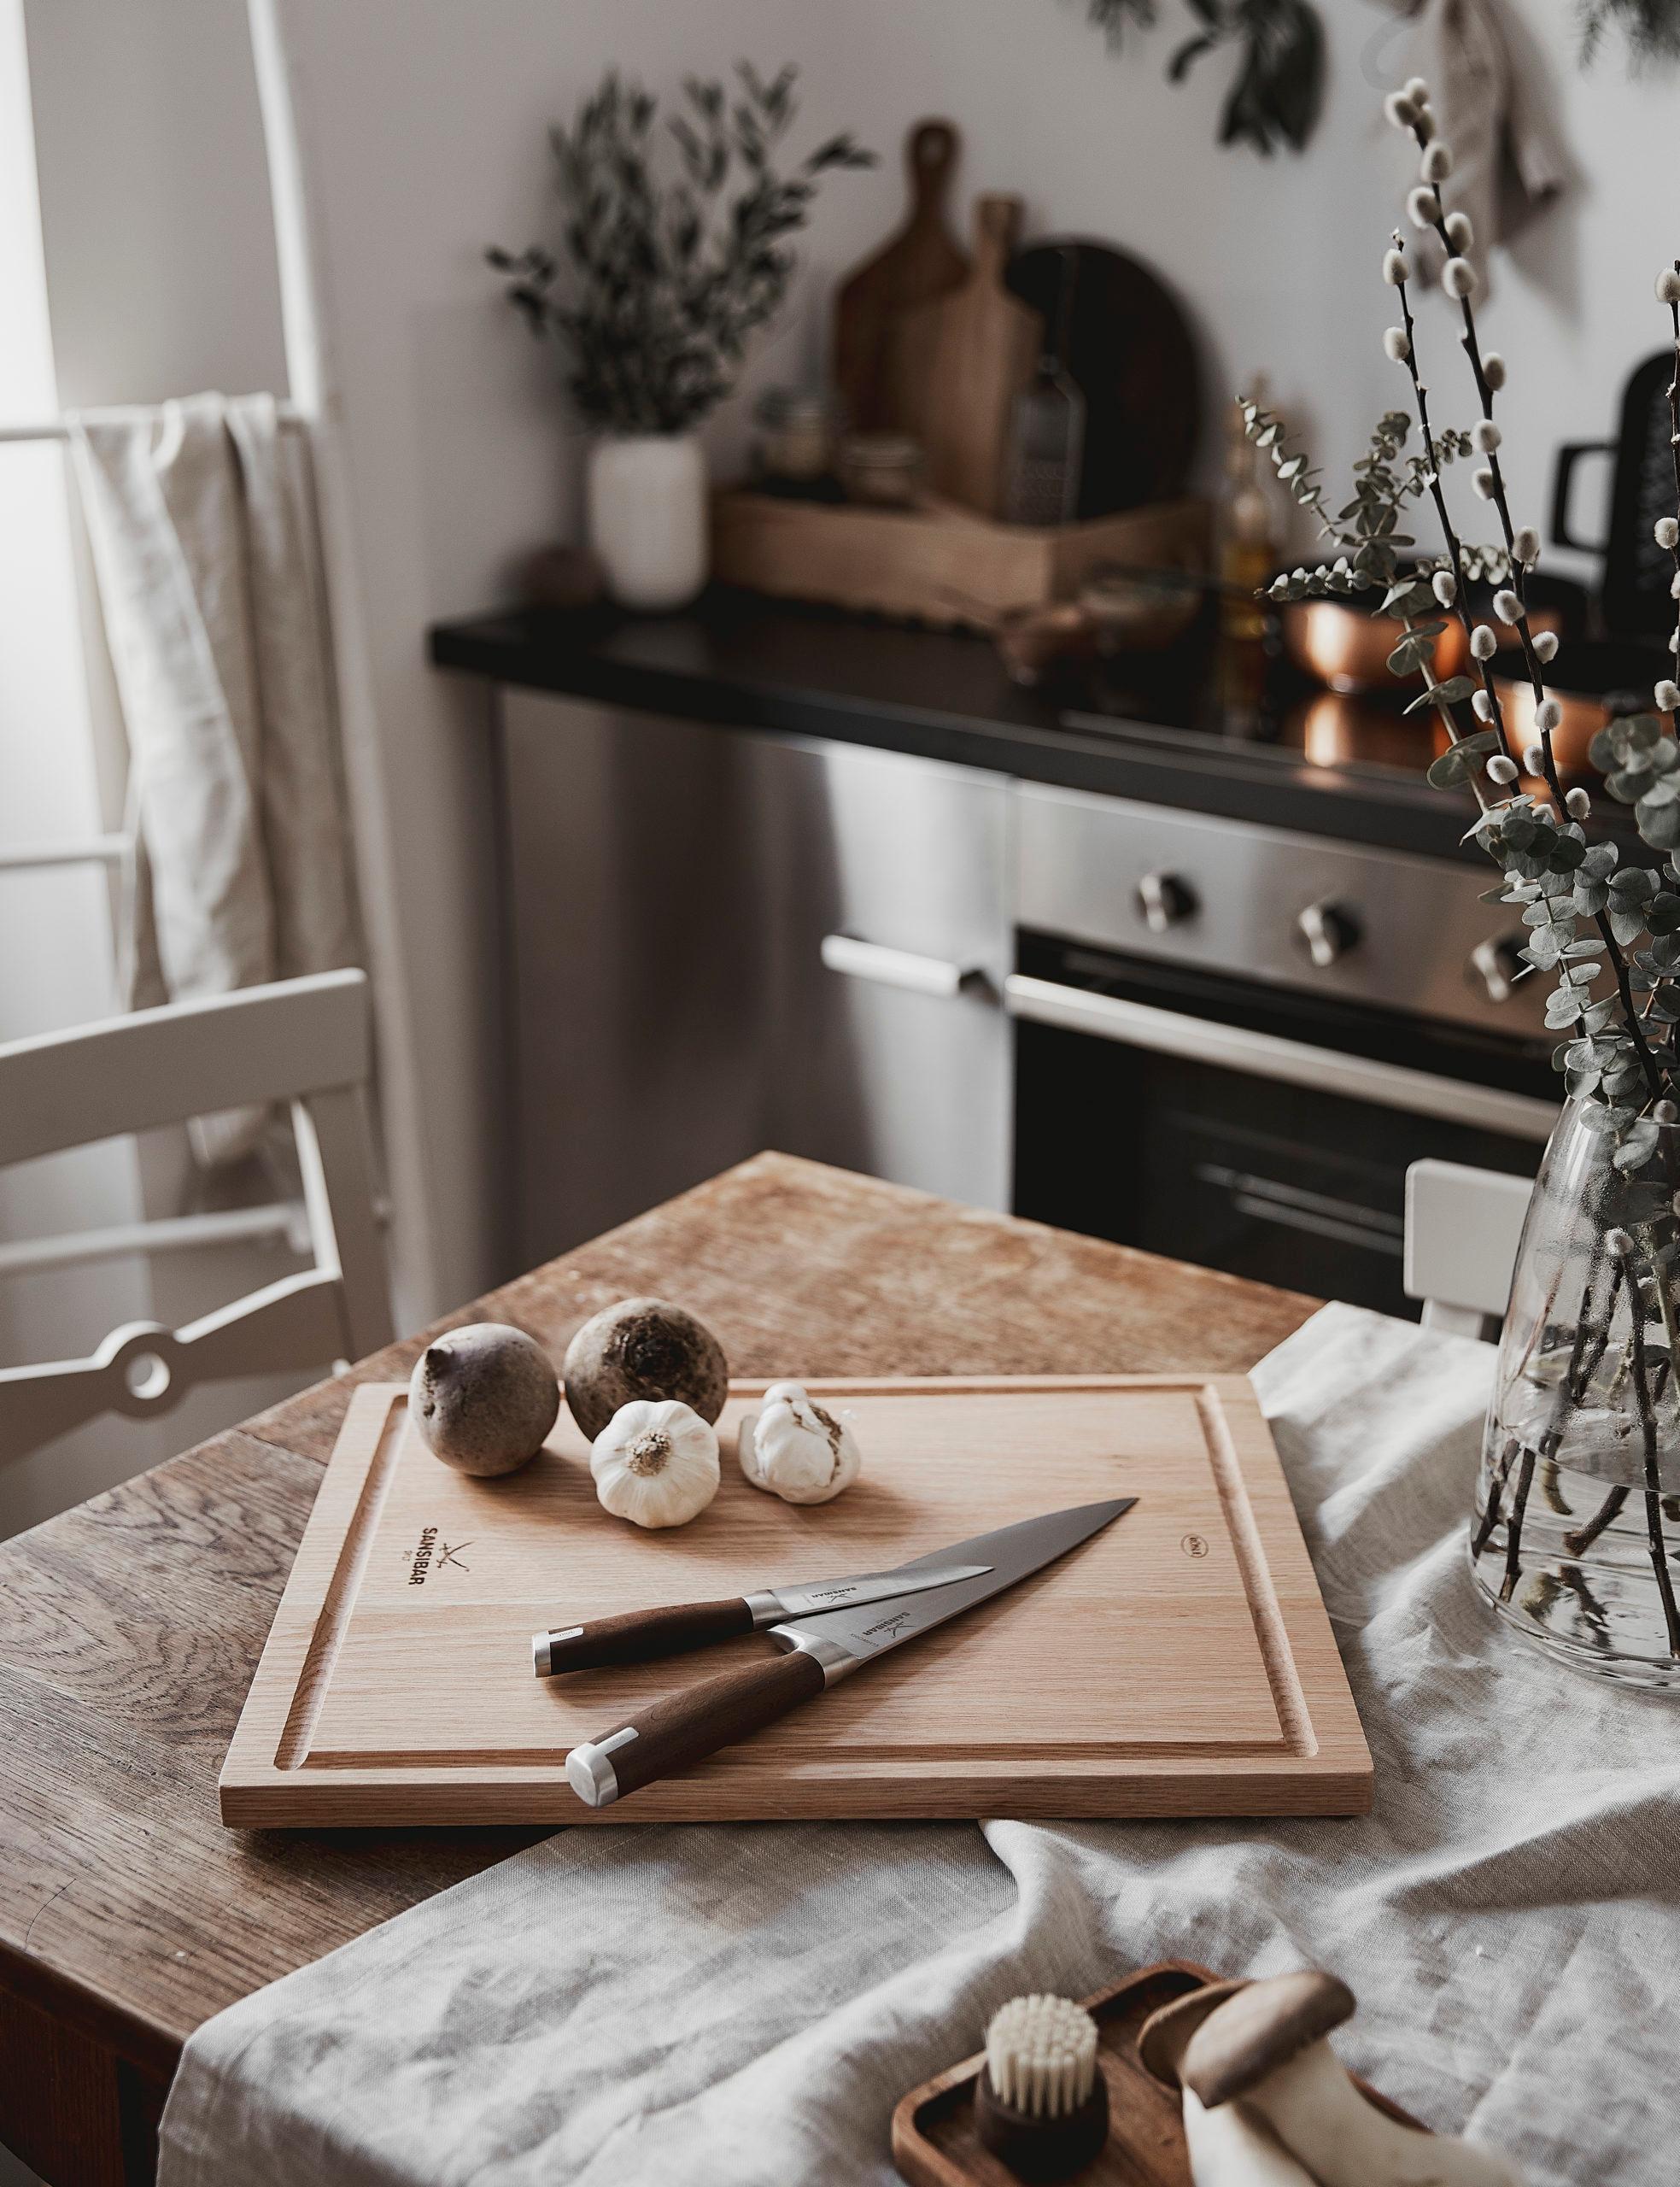 Houten bord met een scherp mes in een moderne keuken